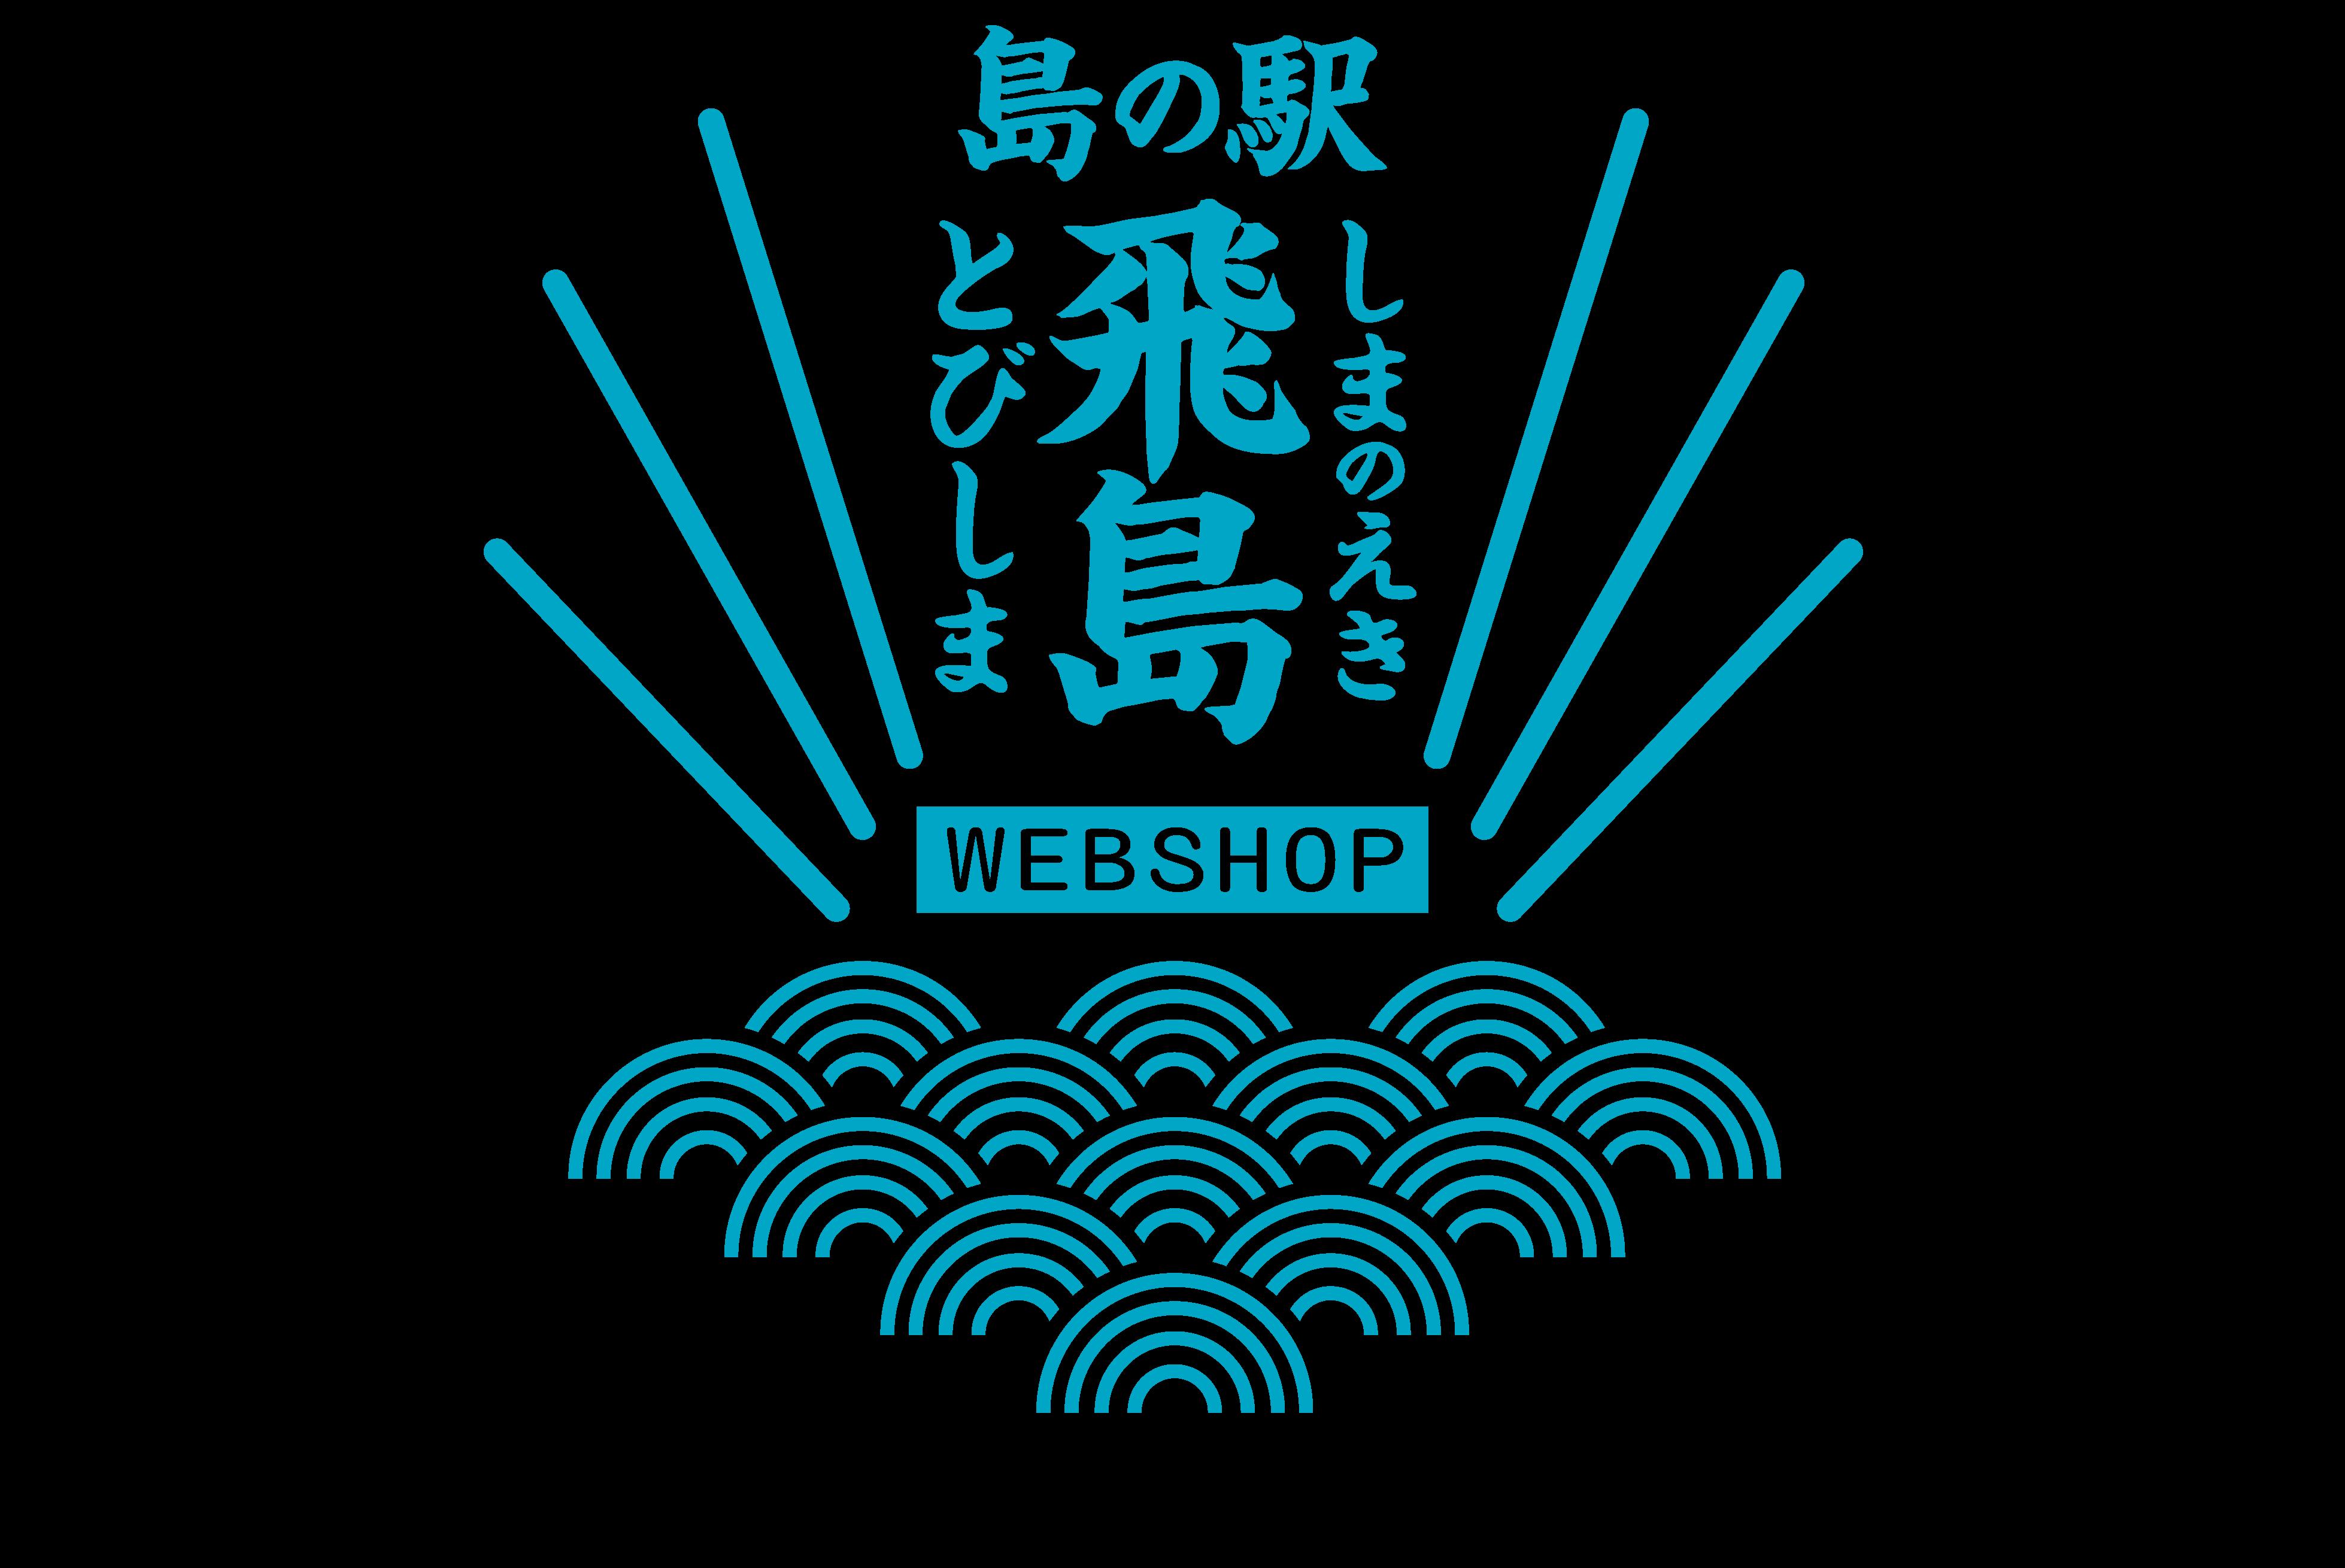 島の駅とびしま WEBSHOP